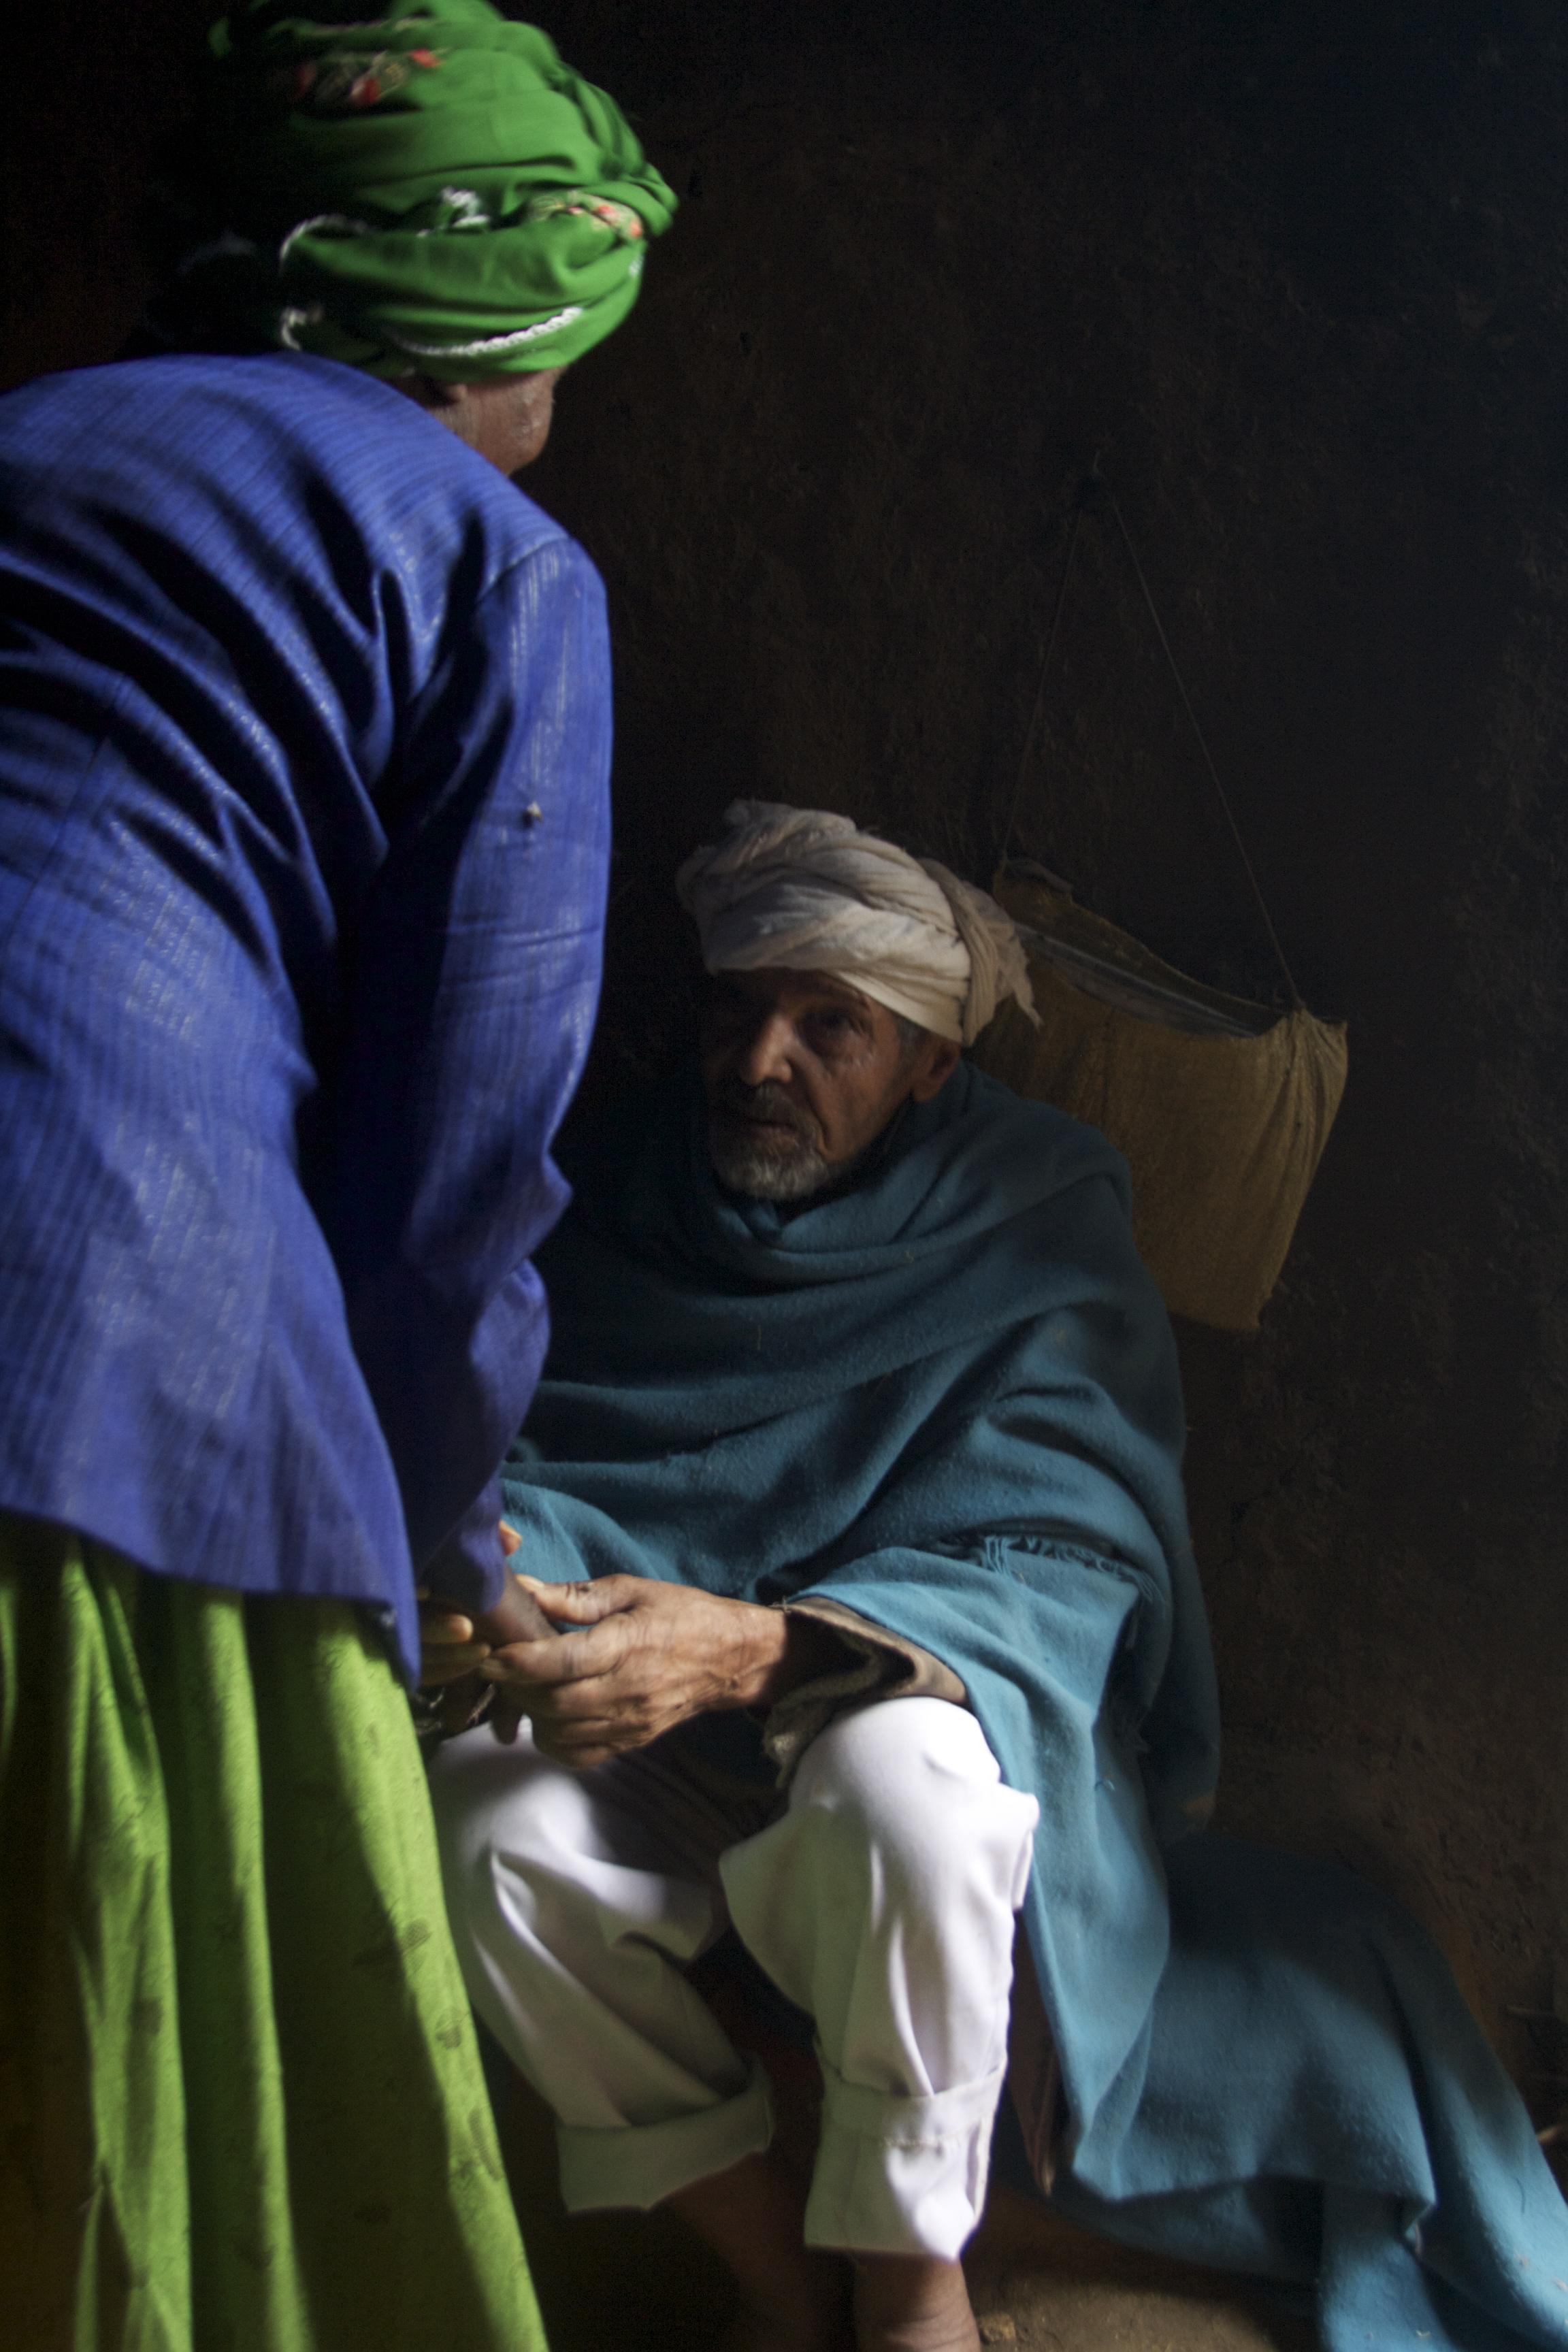 THE OLD MAN. ETHIOPIA. NOVEMBER 2016.